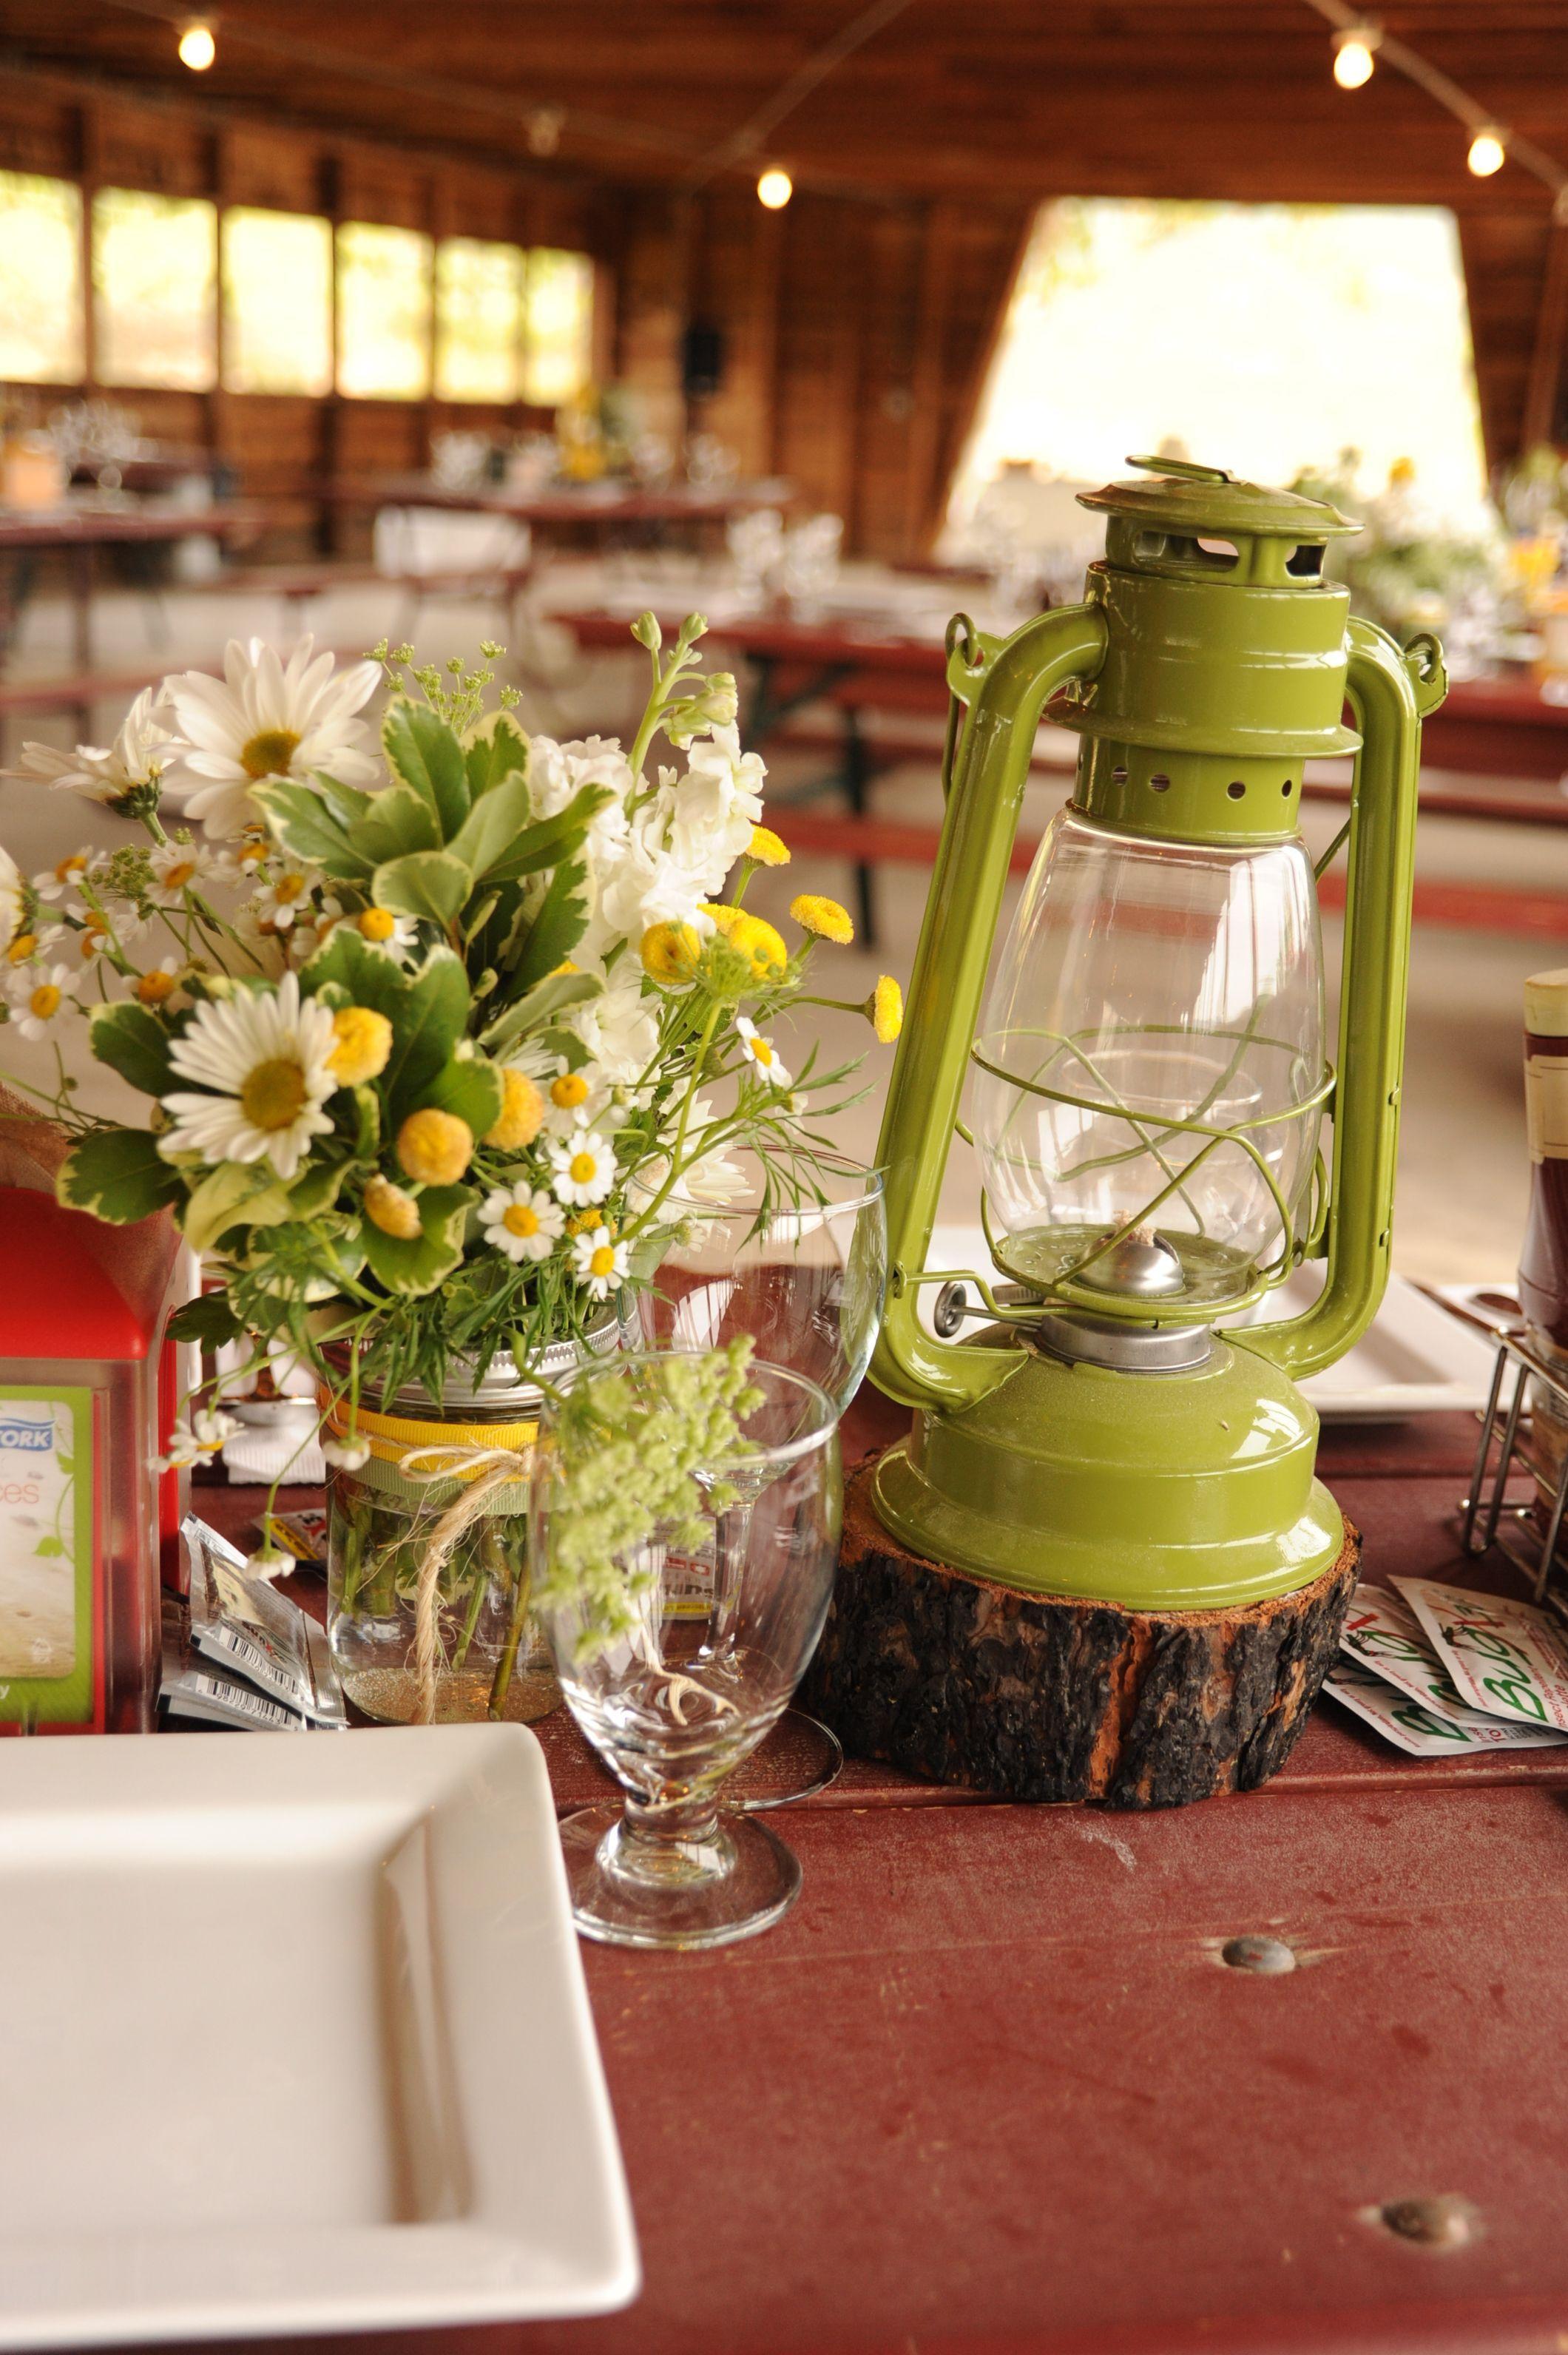 Snow mountain ranch wedding picnic table wedding for Outdoor table centerpiece ideas